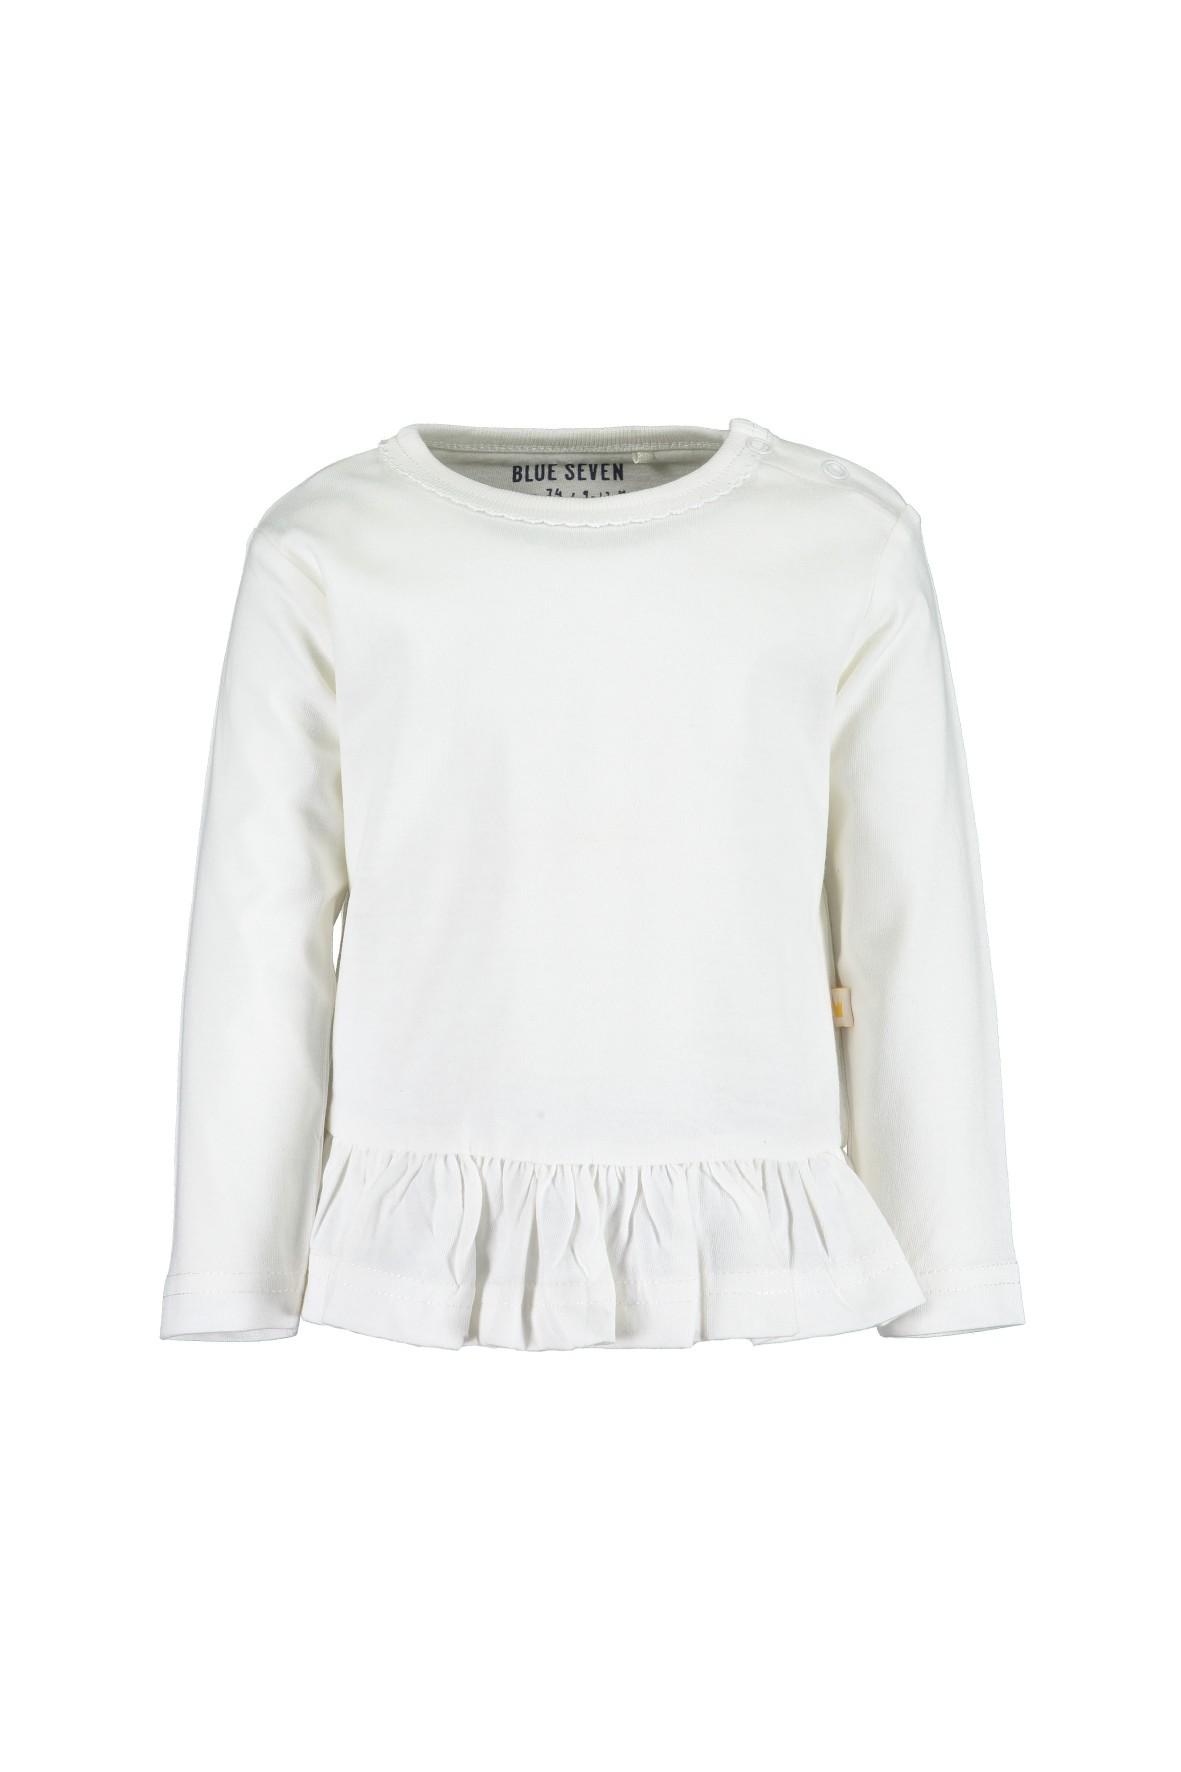 Biała bluzka z falbanką- 100% bawełna